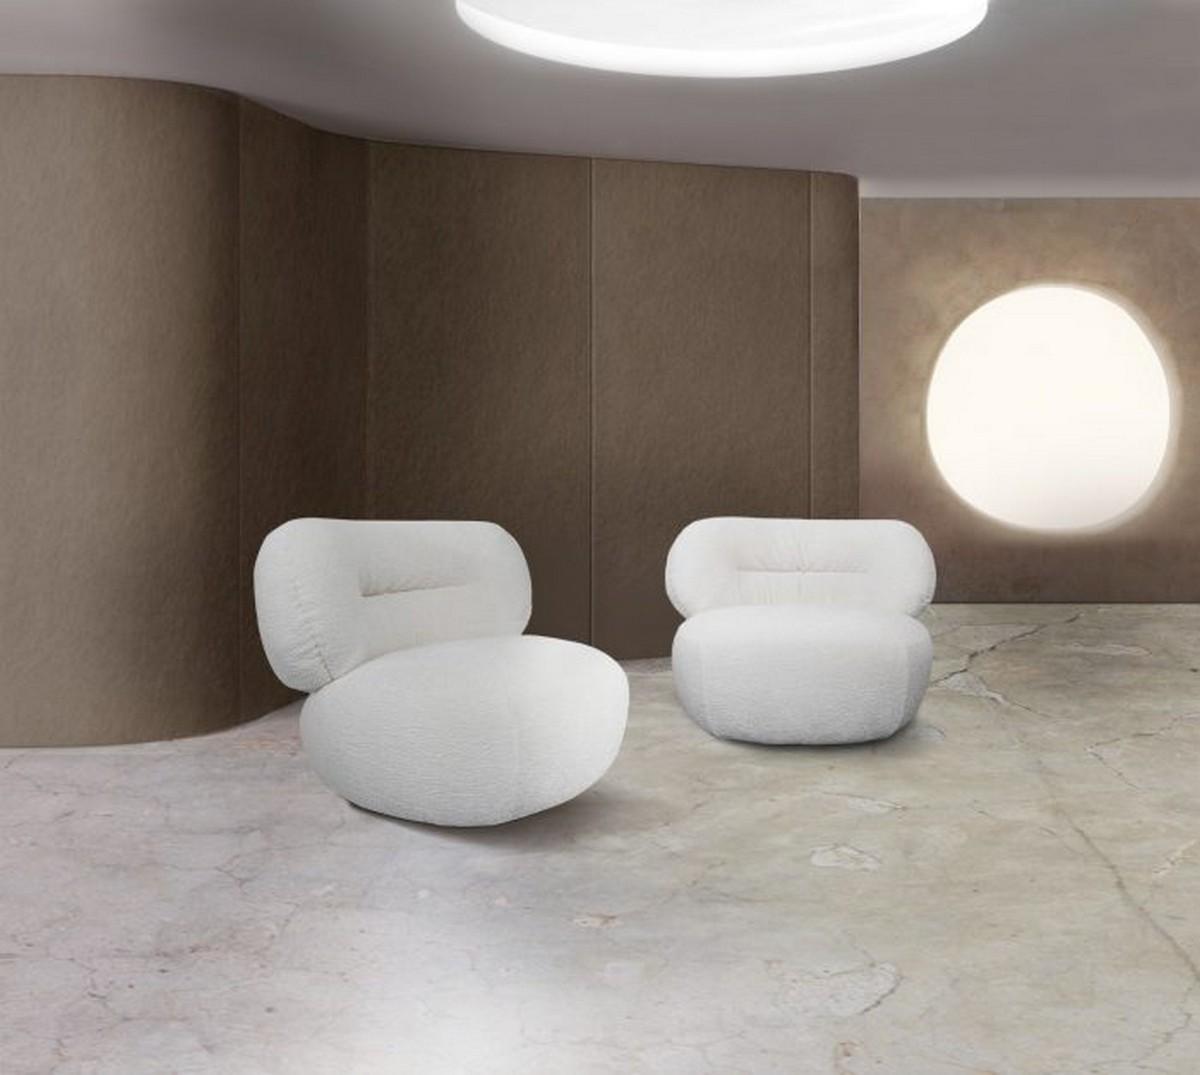 Tendencias de Interiores: Una Colección contemporánea lujuosa tendencias de interiores Tendencias de Interiores: Una Colección contemporánea lujuosa c871f946 af72 4ee0 bdf6 e20eabbe5910